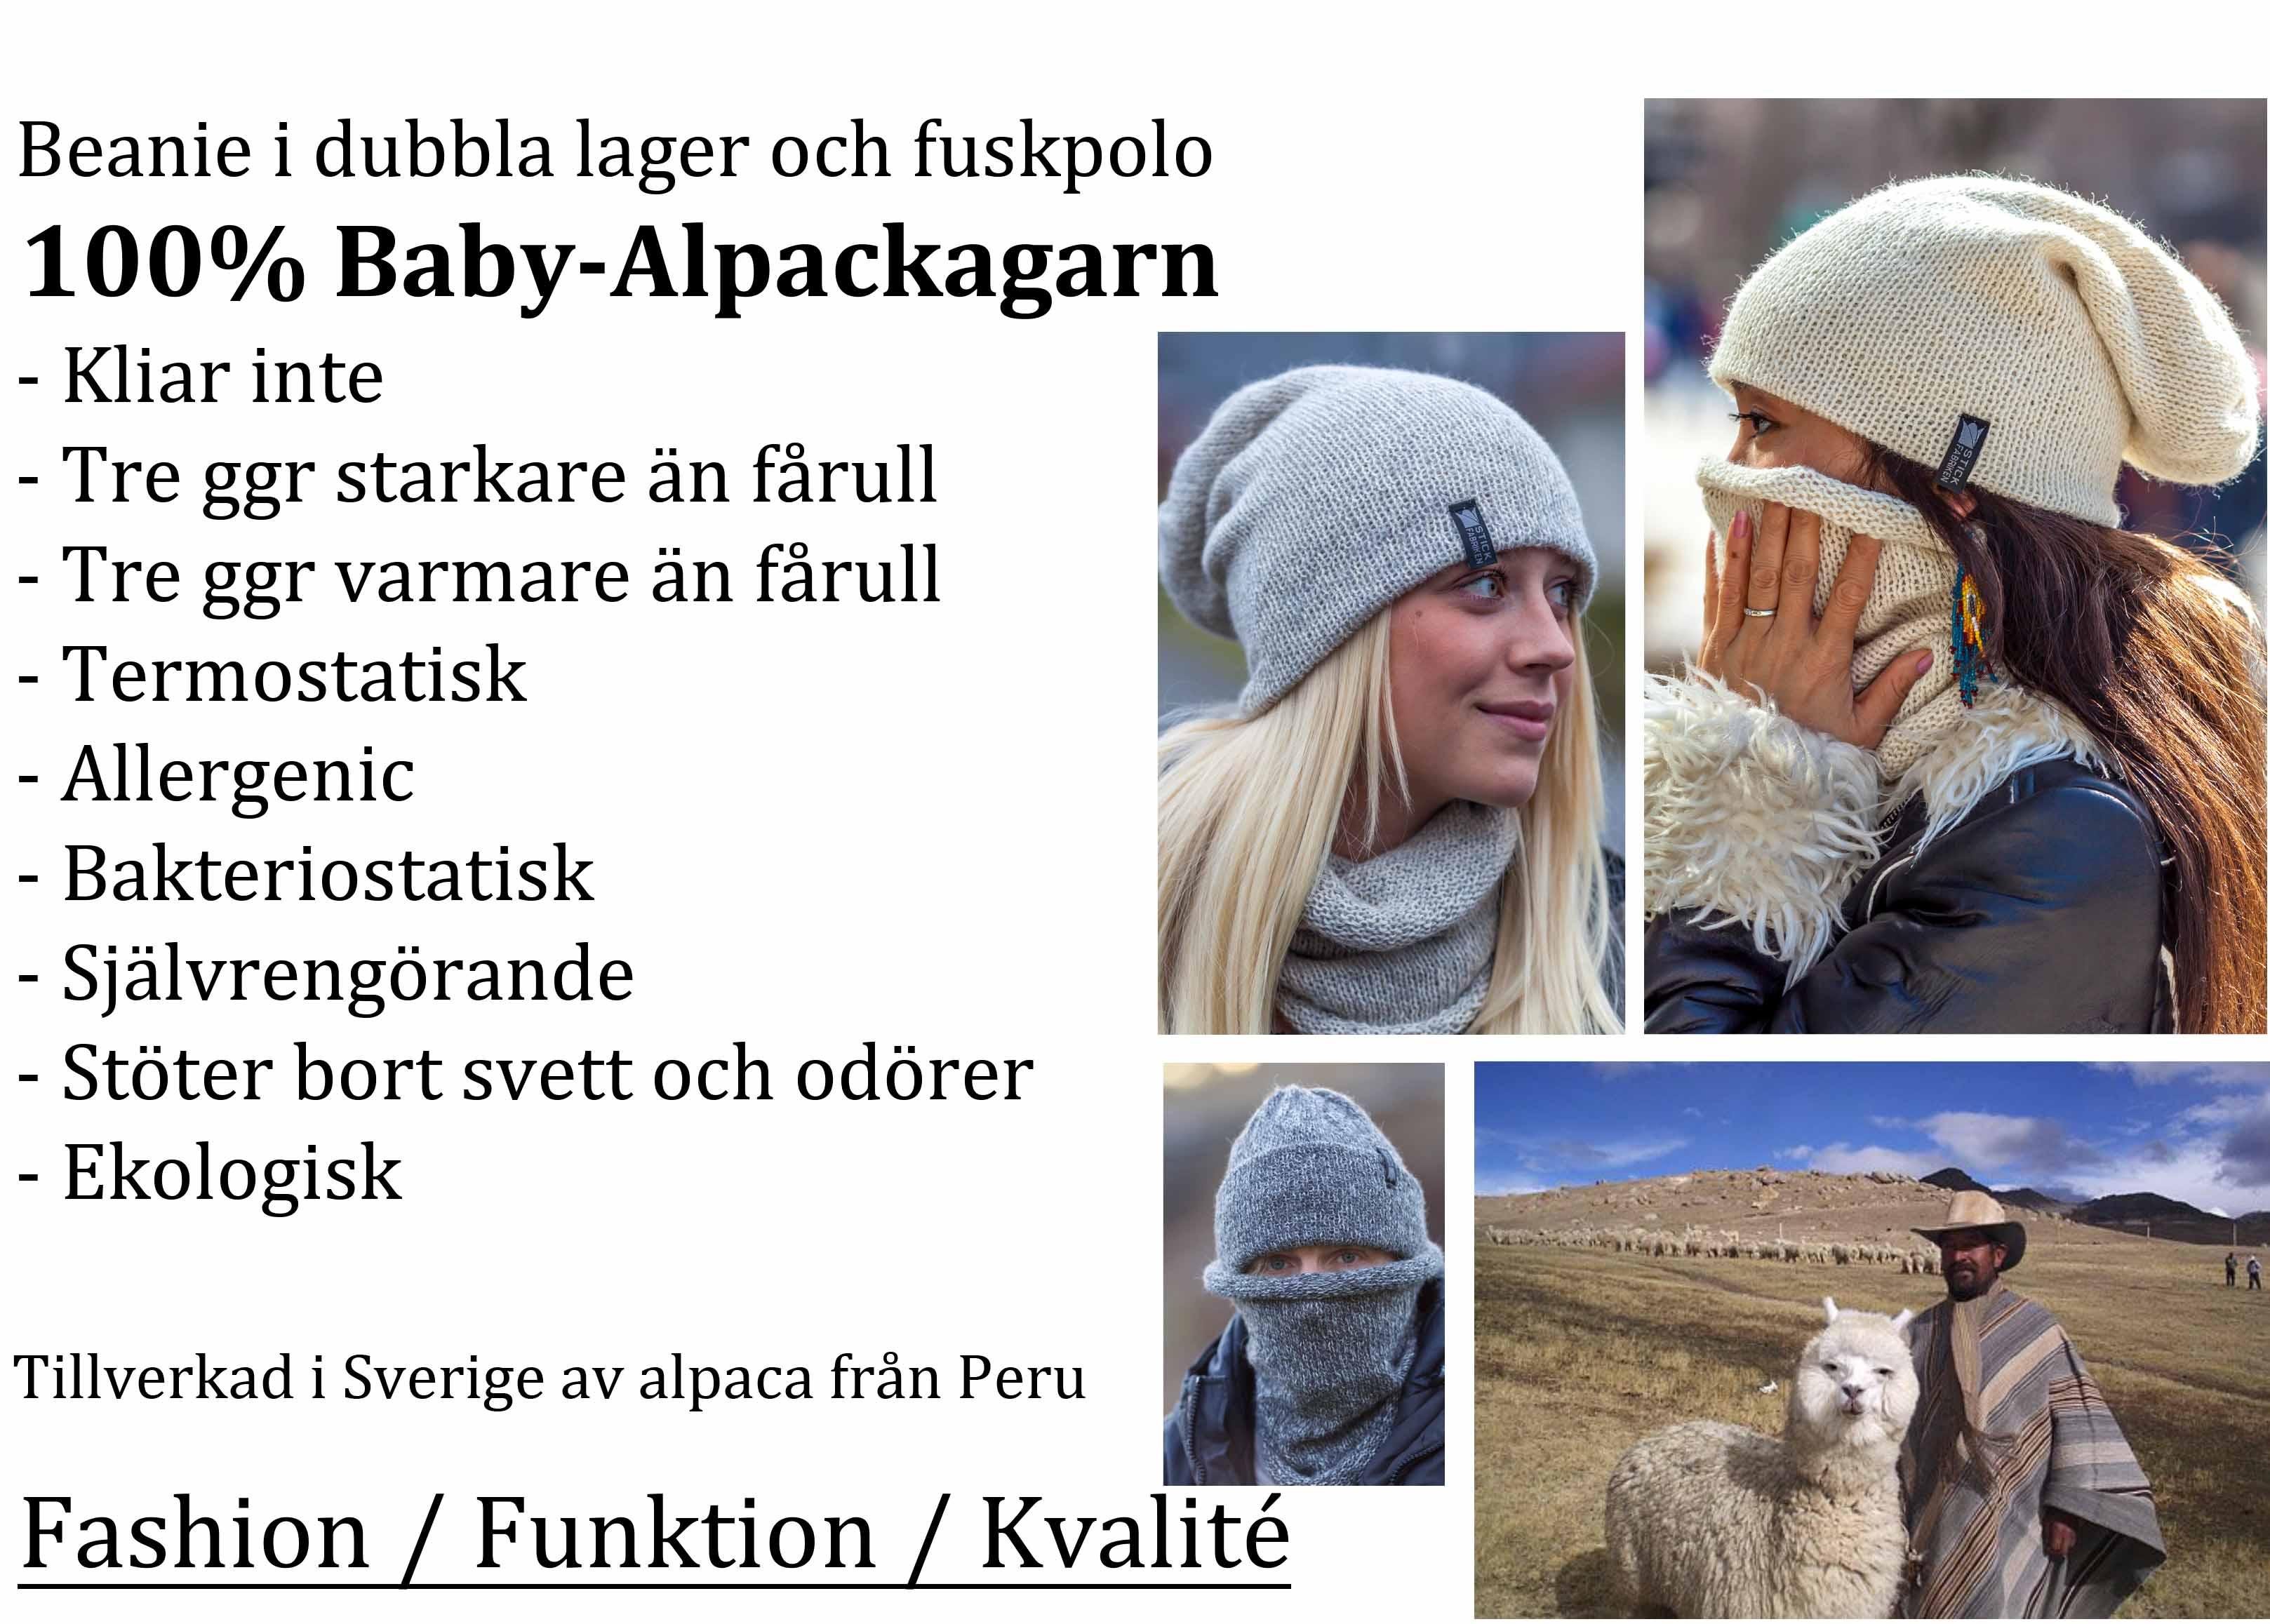 inroduktion till Mssa och polo i alpacka frn Stickfabriken